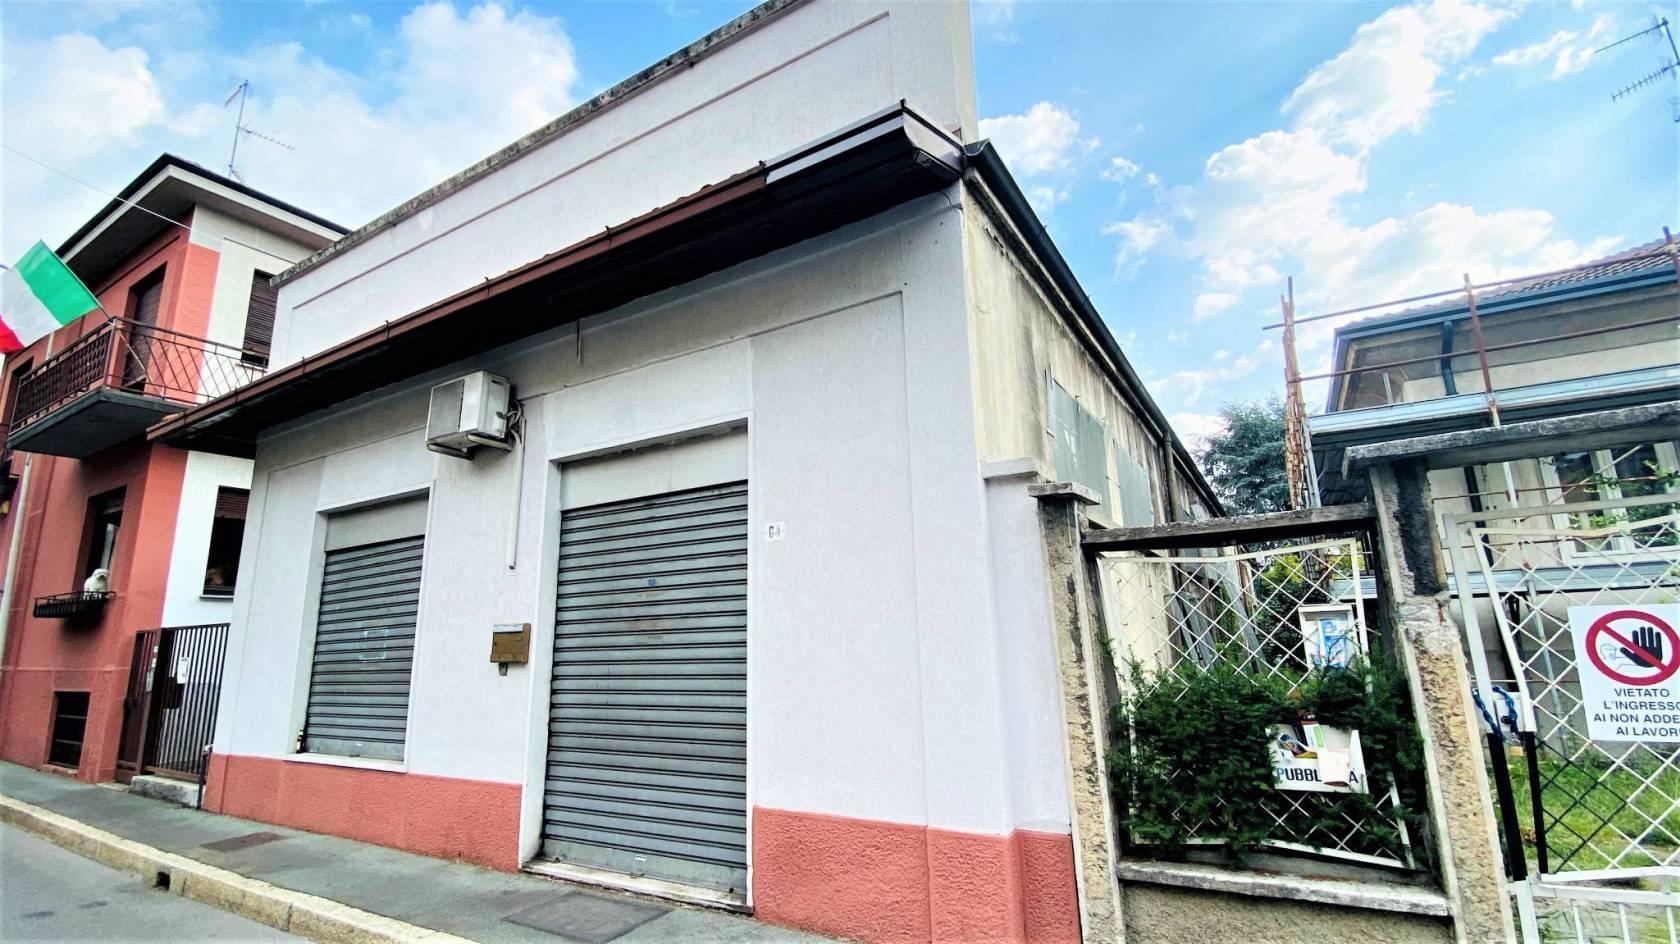 Vendita Altro immobile commerciale Commerciale/Industriale Legnano Via Vespucci 64 230142